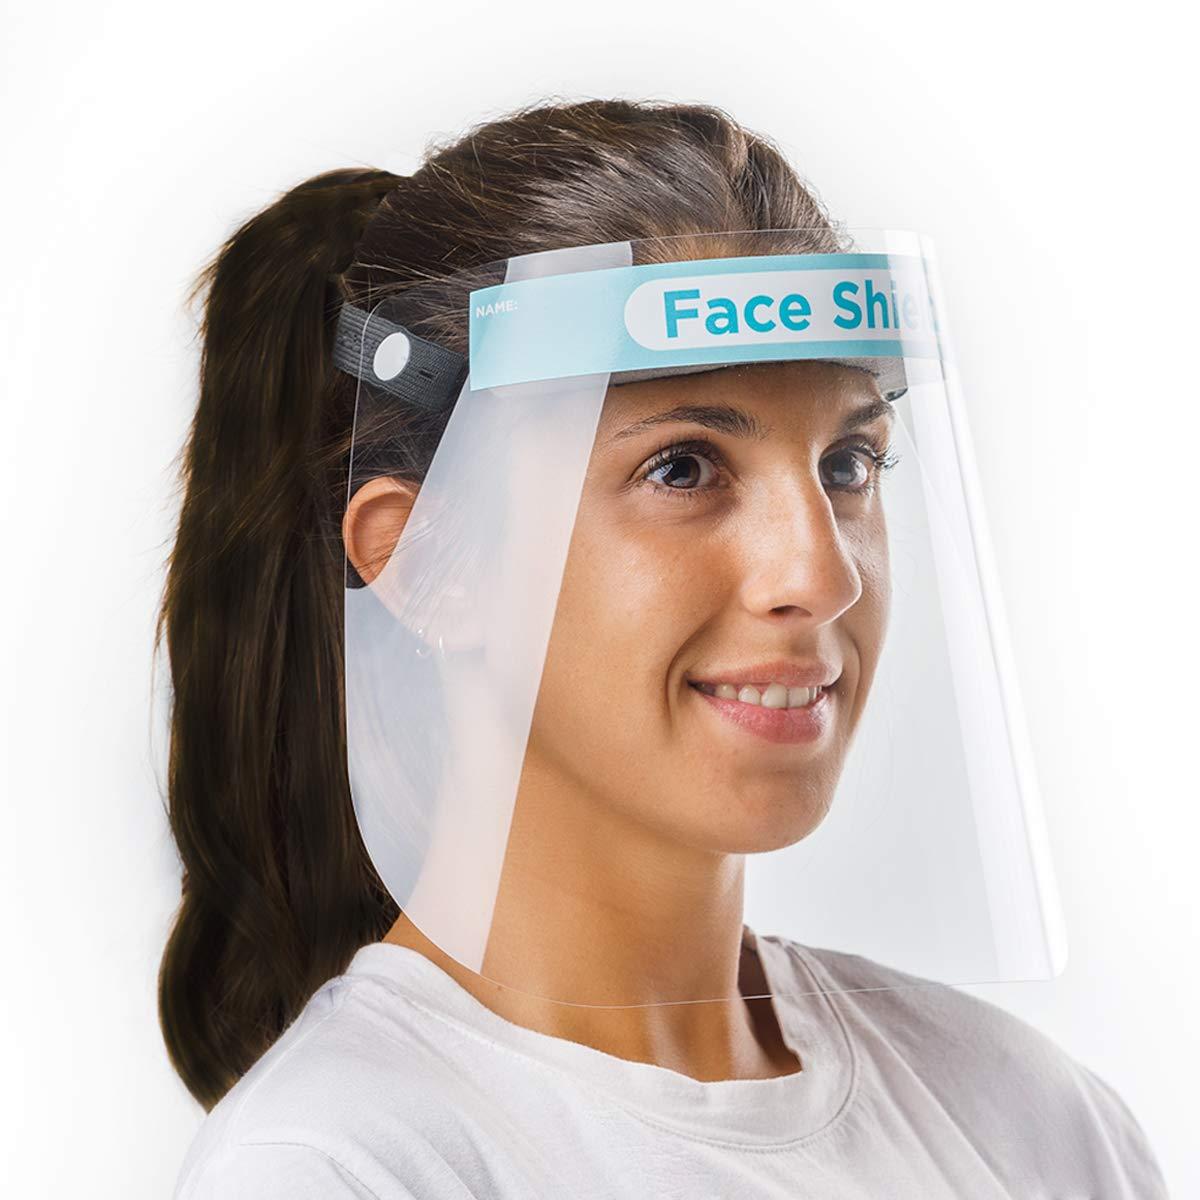 Pantalla Protección Facial Sonaprotec - Protector Facial Antivaho. Talla Niños y Adultos. Visera Protectora para la Cara Face Shield Fabricadas en España - Talla Mediana - Pack 1